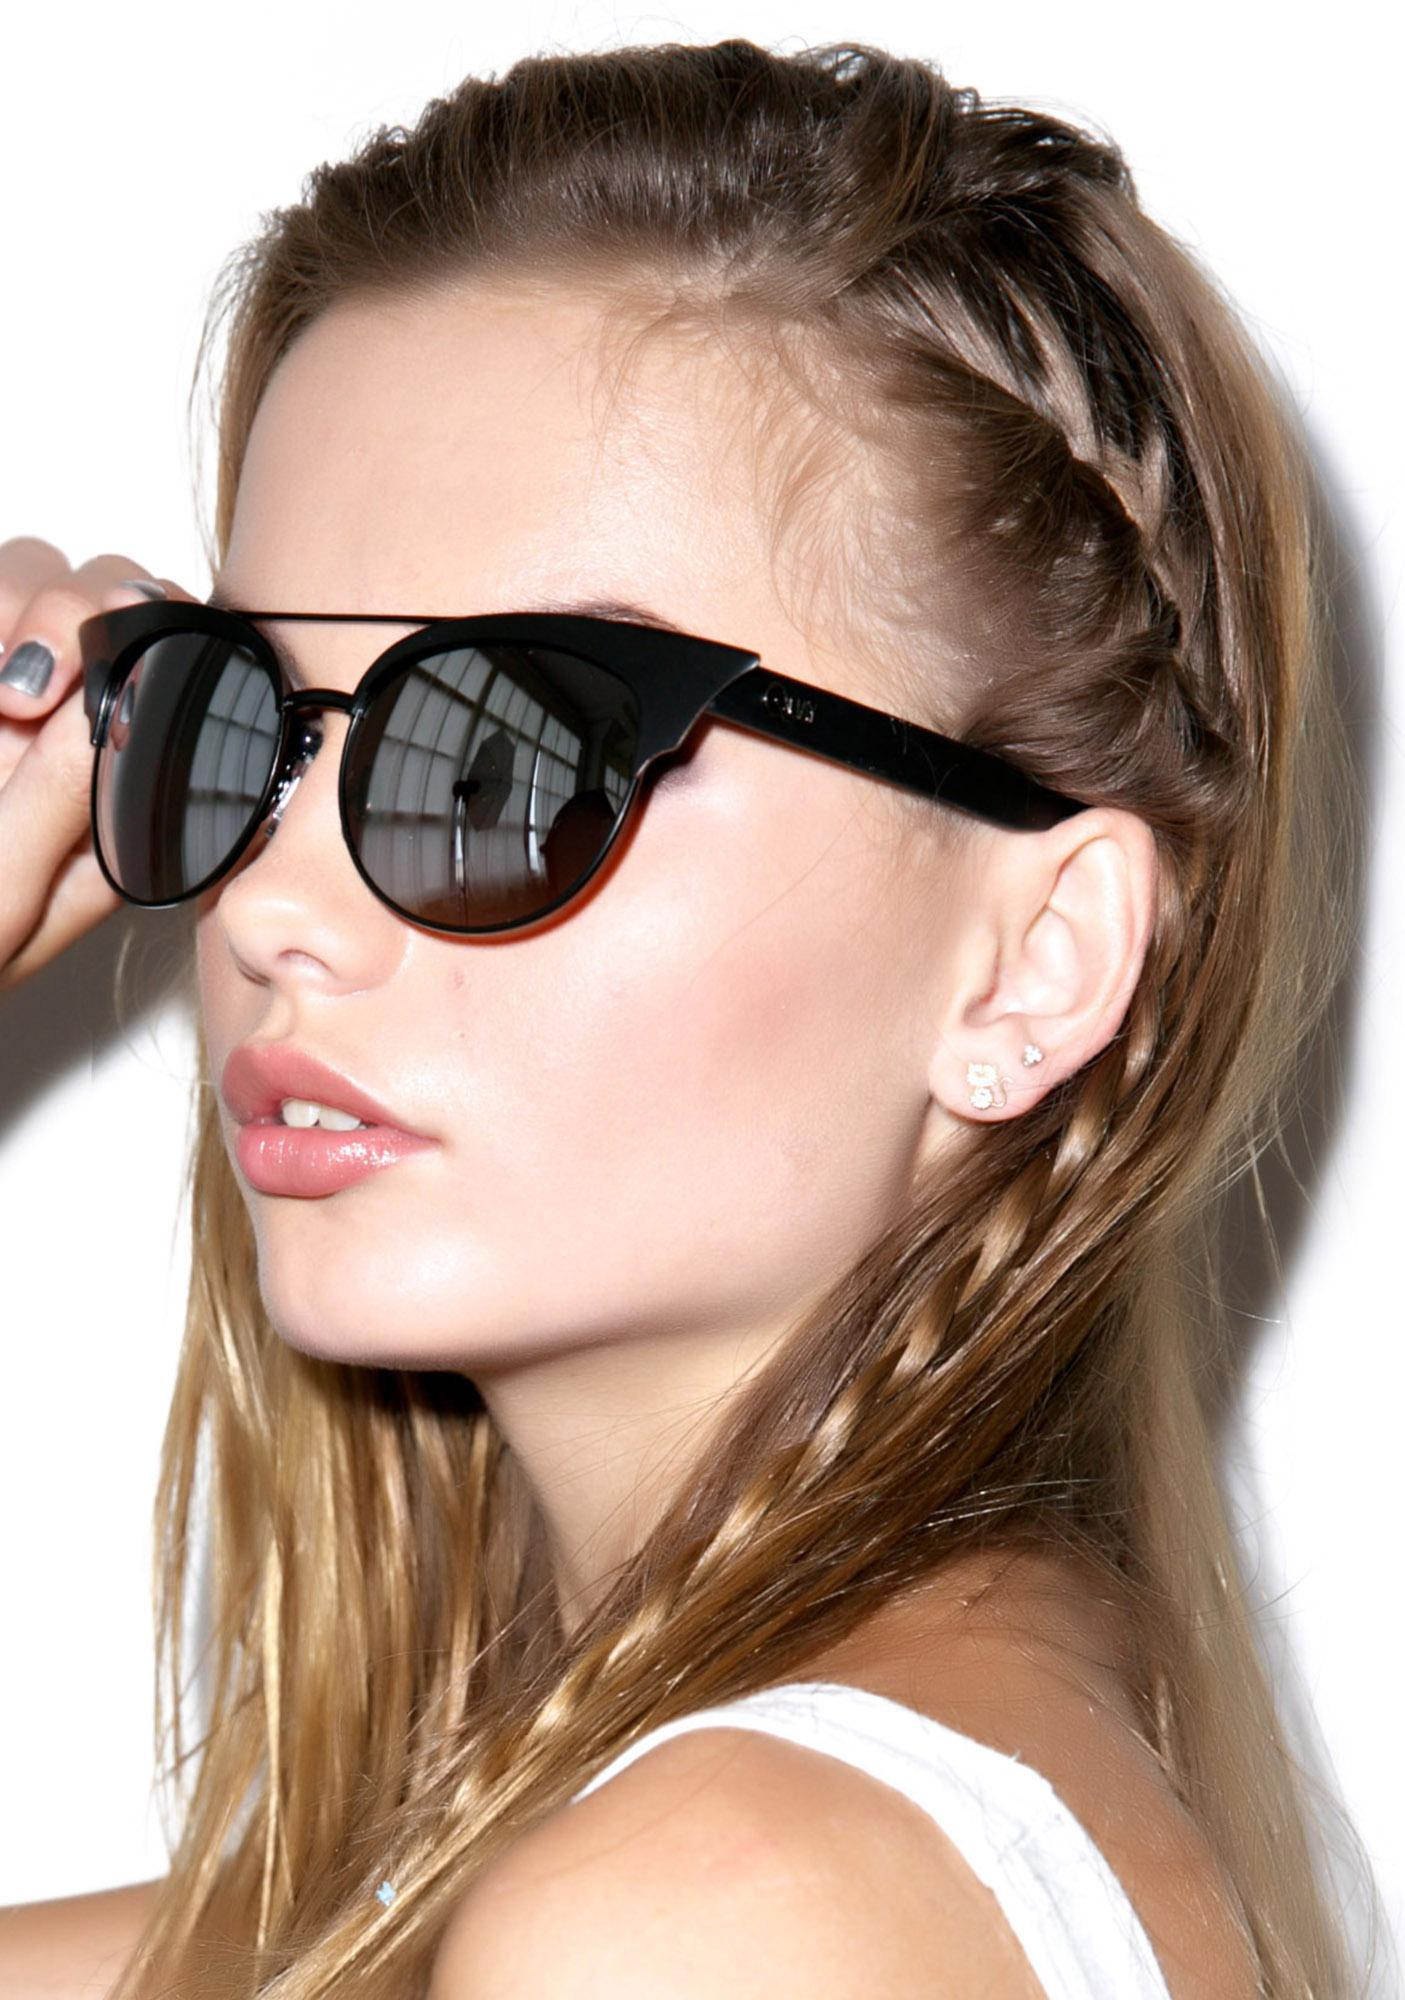 ef63ee5601 Quay Eyeware Zig Sunglasses  Quay Eyeware Zig Sunglasses ...